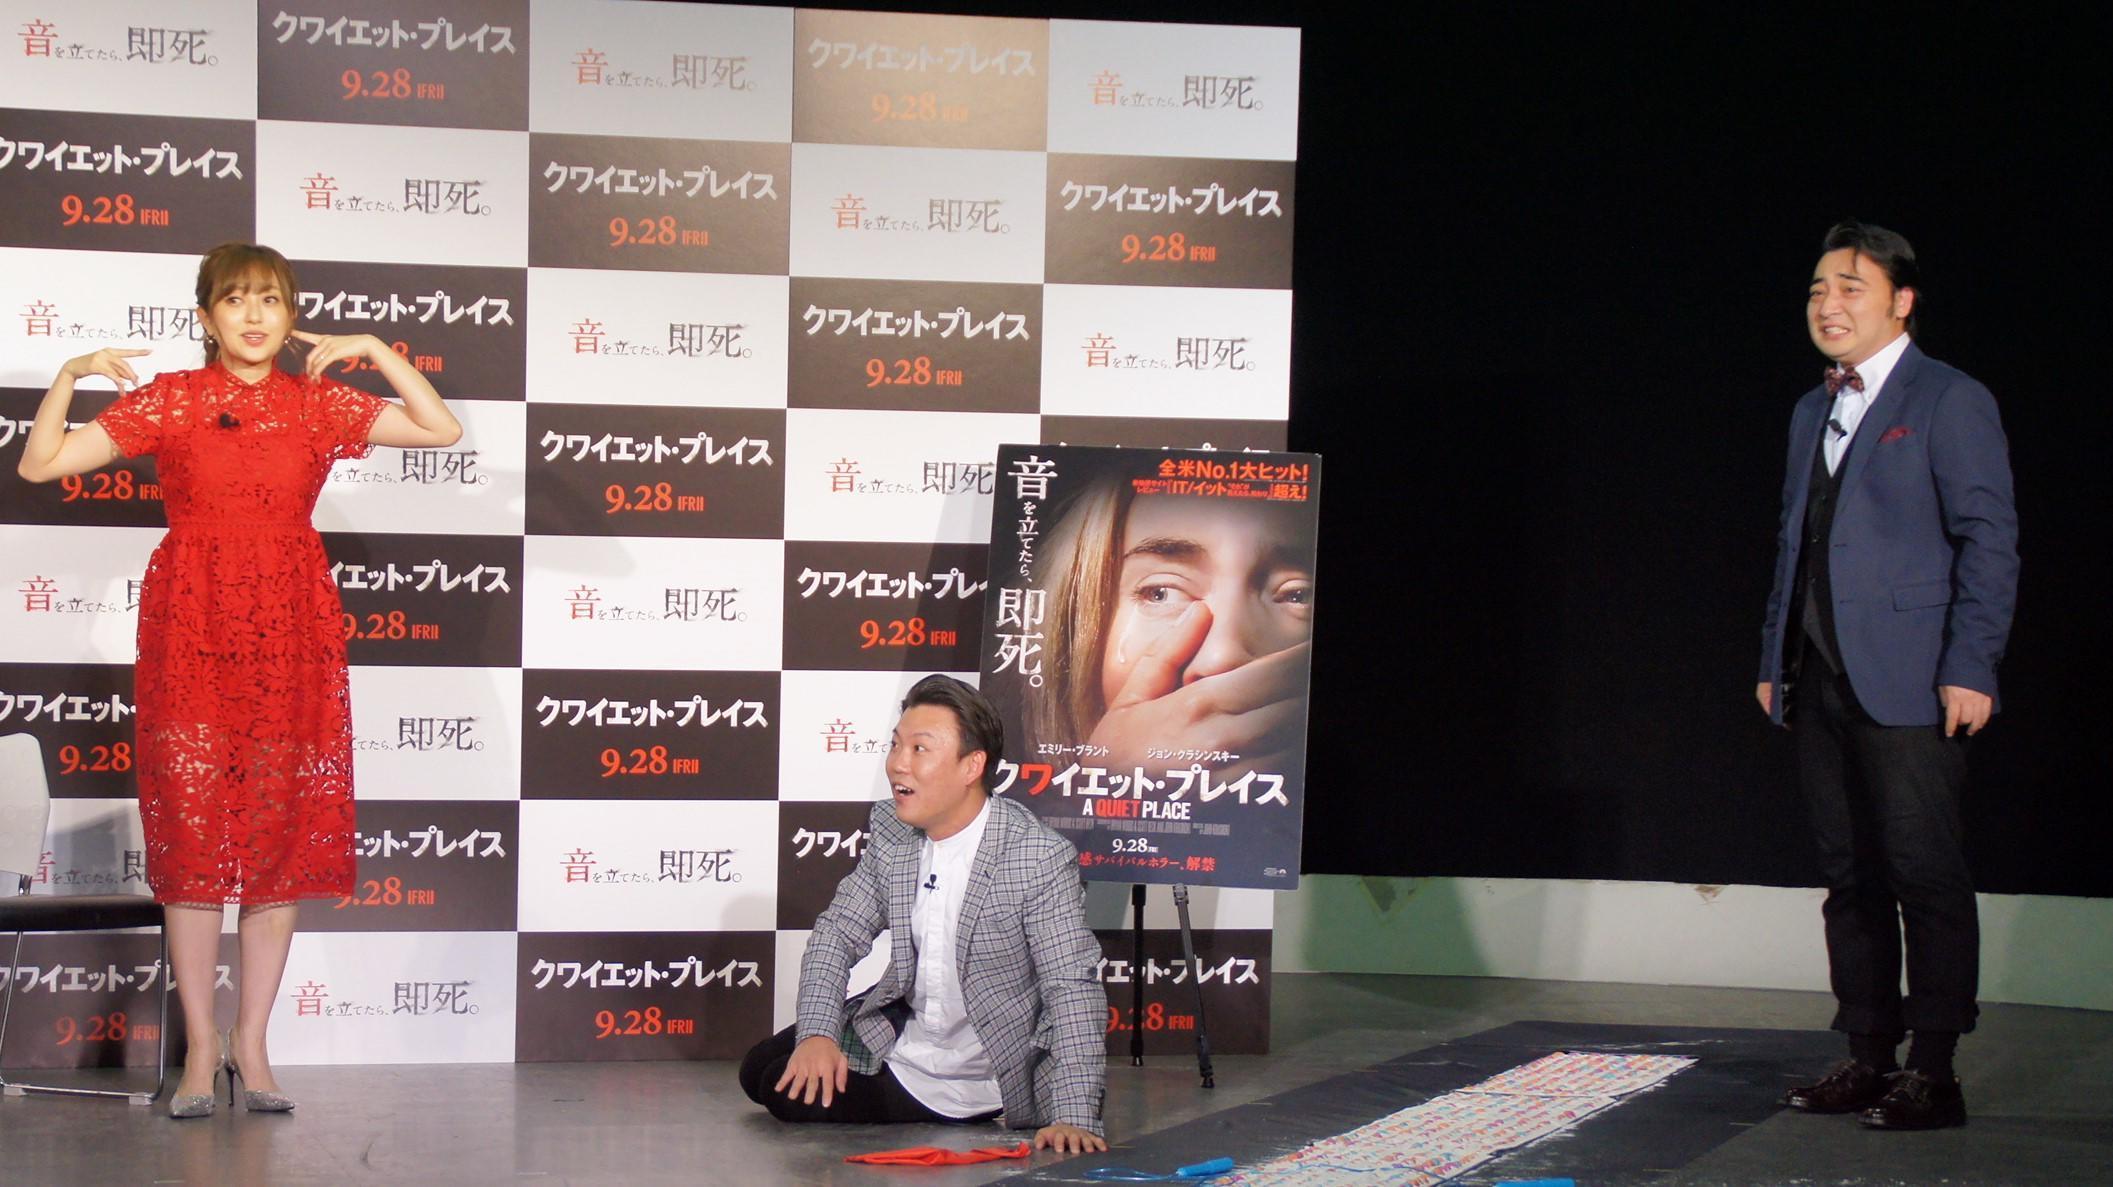 http://news.yoshimoto.co.jp/20180927175032-ecac7ad5ee62244587ed1a82db48a5a037c60083.jpg